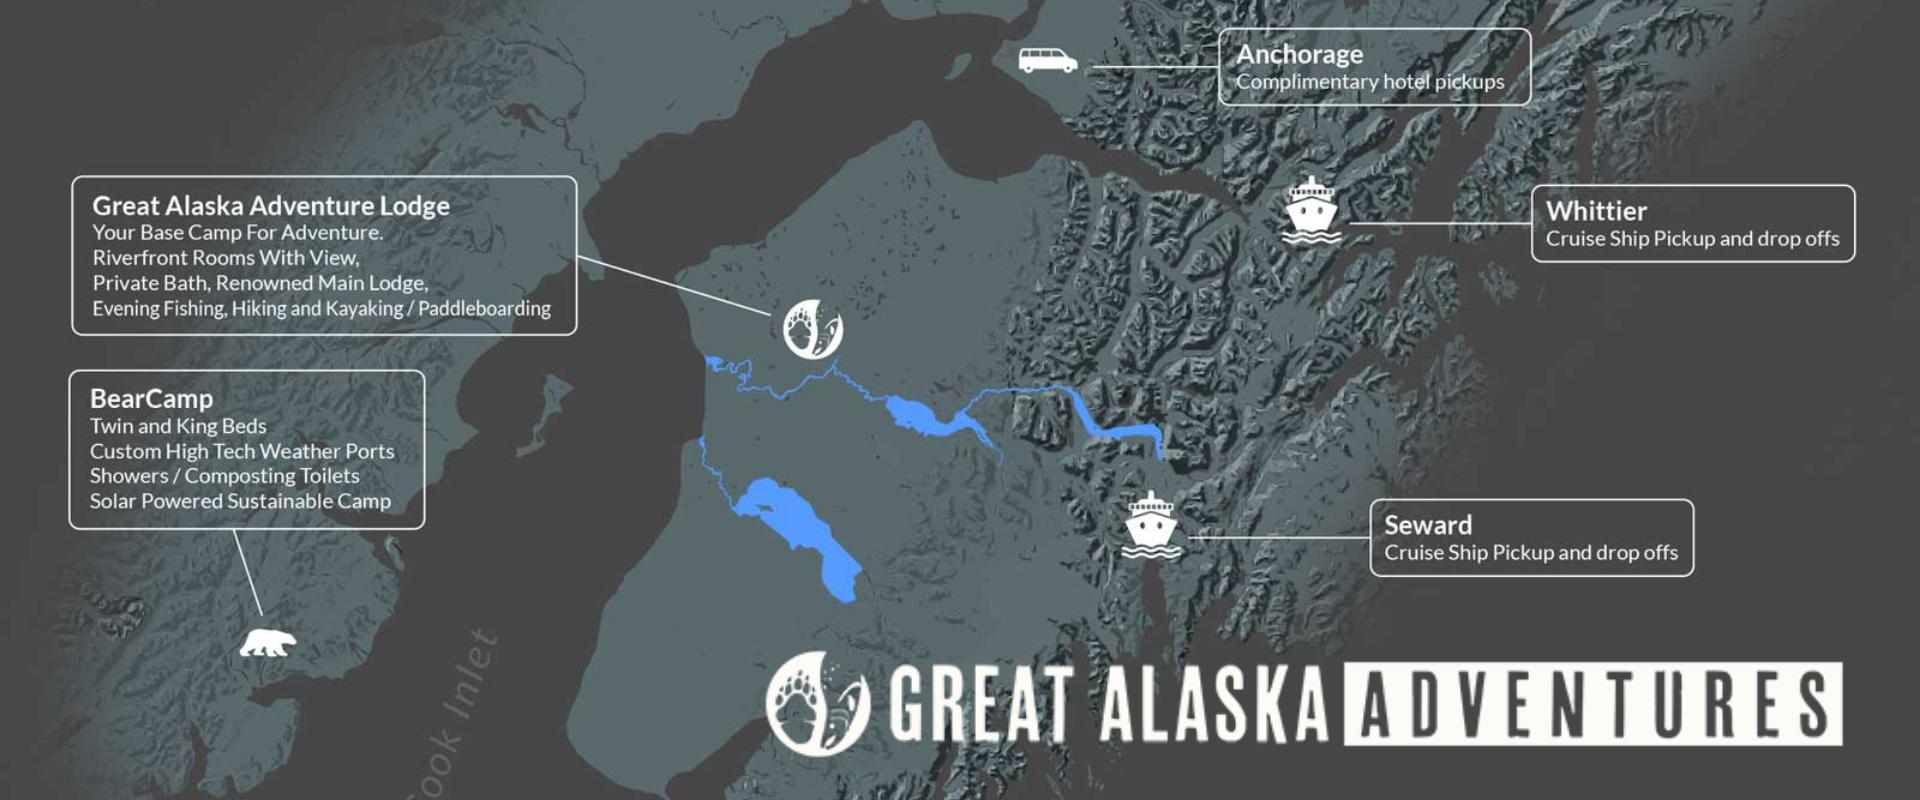 Great Alaska Adventures